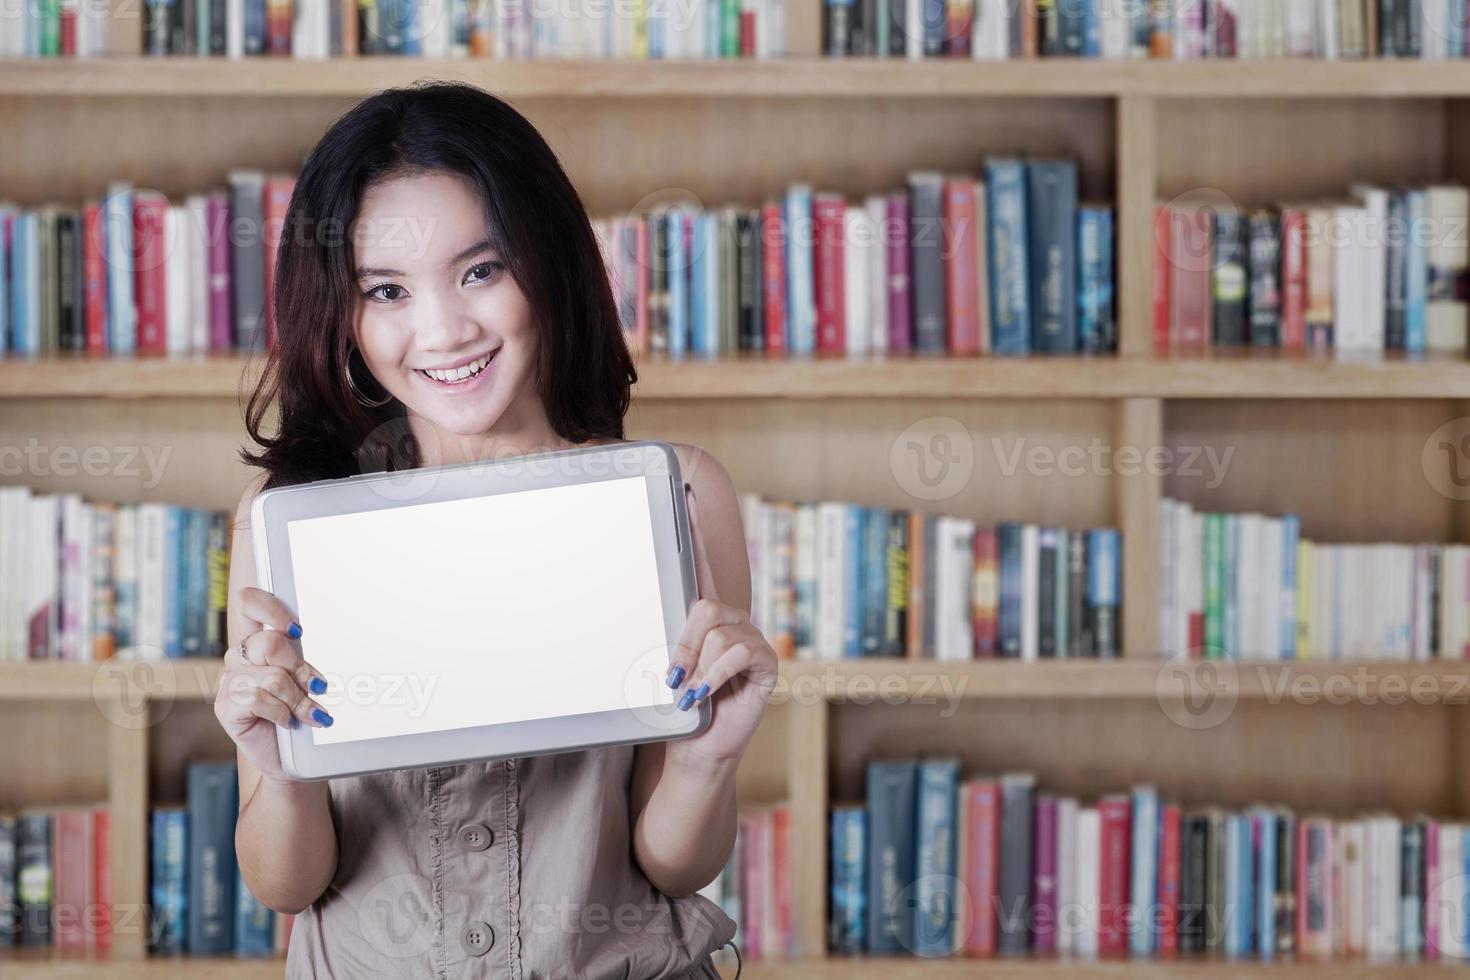 scolara che mostra uno schermo del tablet in biblioteca foto